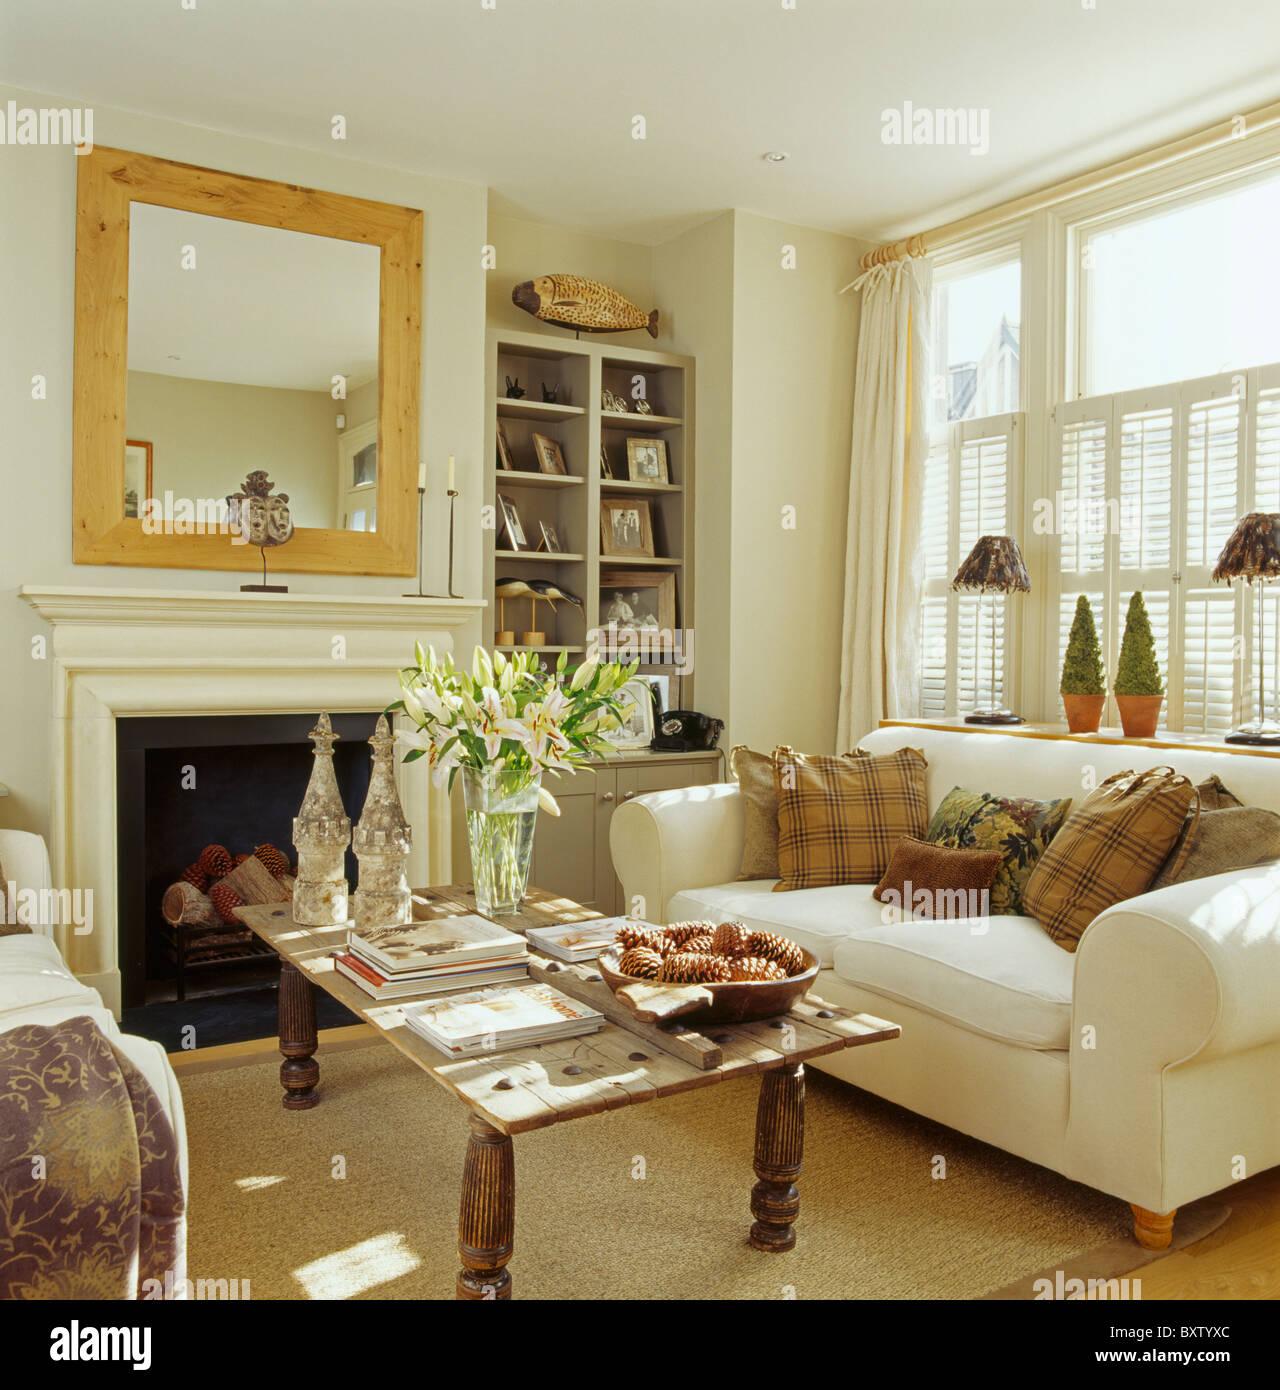 Rustikaler Holztisch Vor Sahne Sofa Mit Braunen Kissen In Creme Wohnzimmer  Mit Großem Spiegel über Dem Kamin